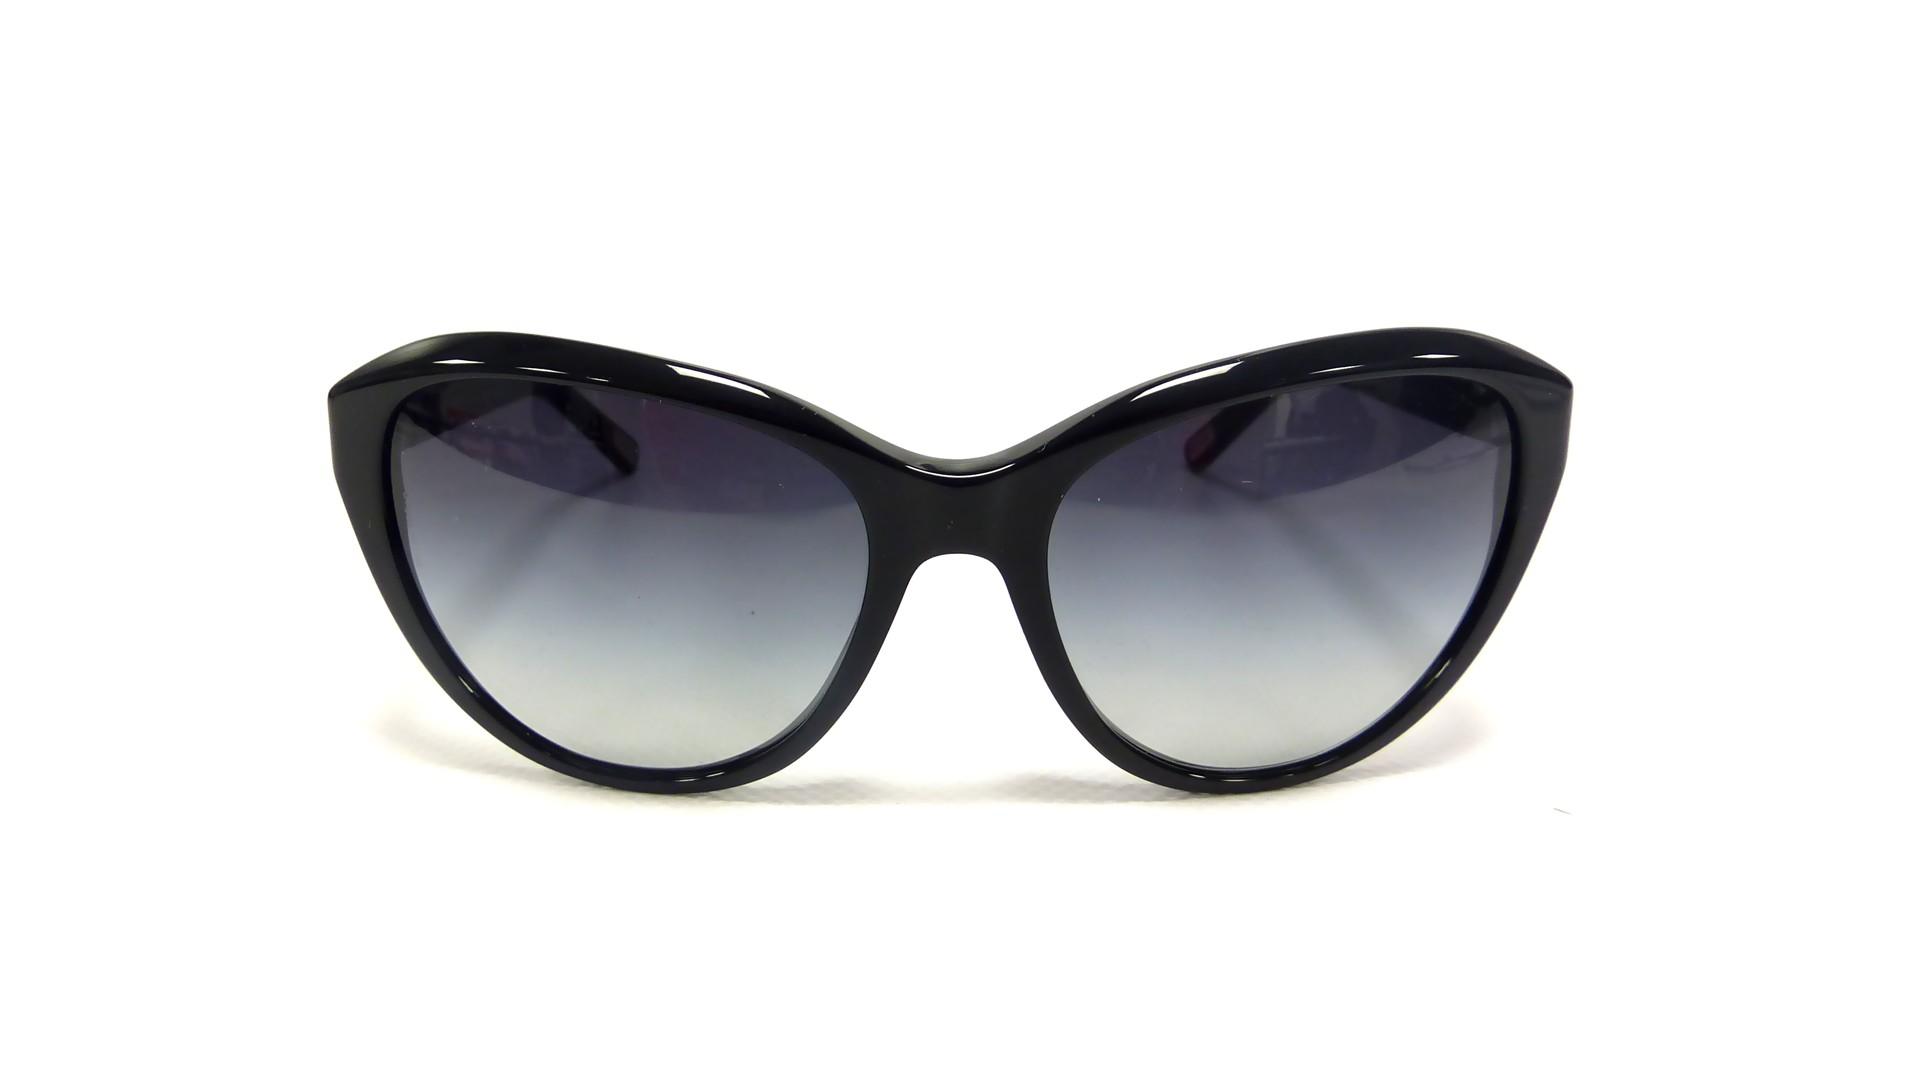 6fd580f82e1 Ray Ban 4141 Polarized Vs Non Polarized Sunglasses « Heritage Malta